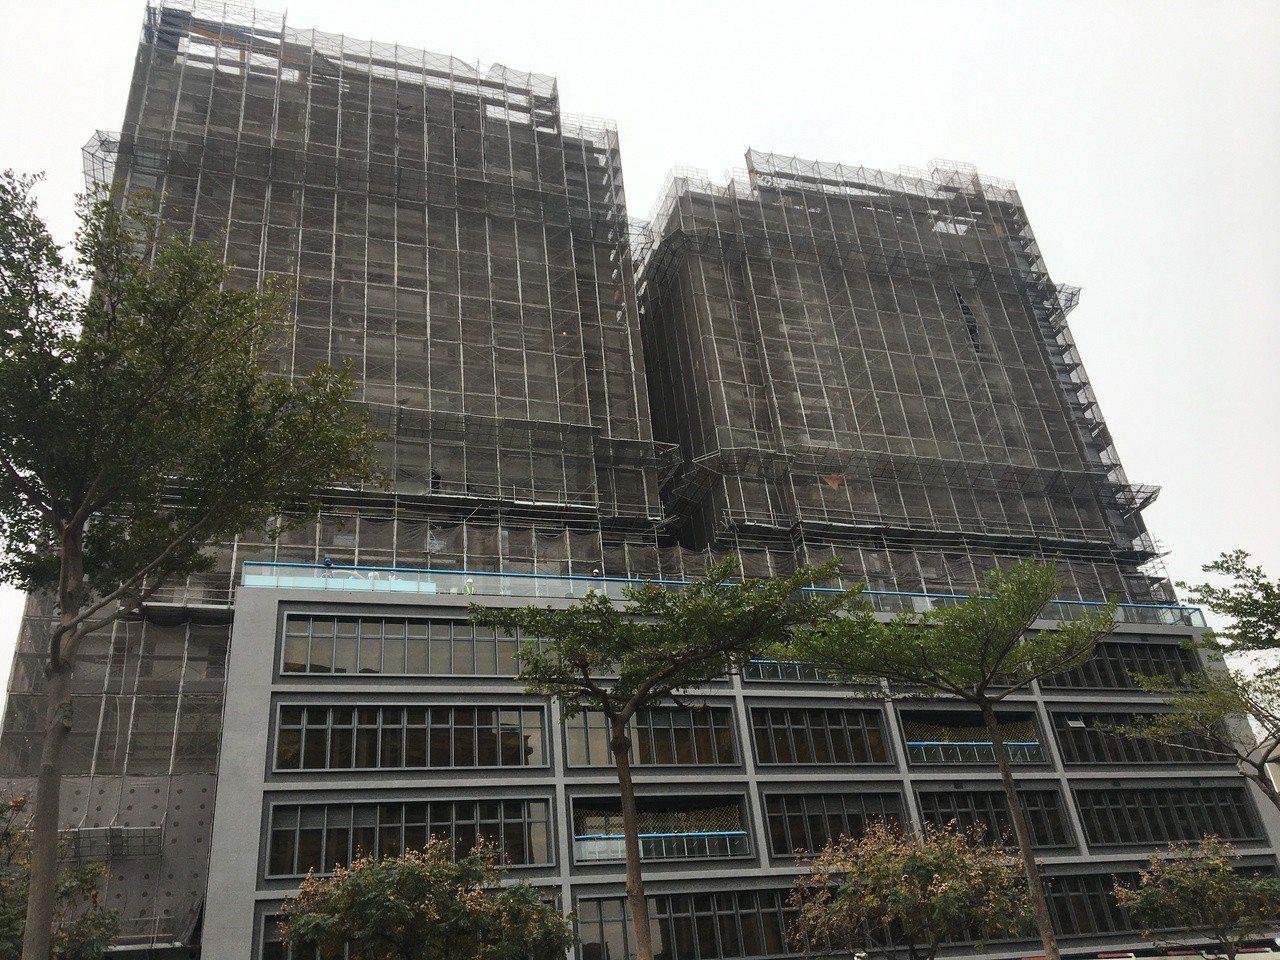 桃園市第一間社會住宅中路二號即將完工,市府將於2月20日起受理入住申請,預計9月...